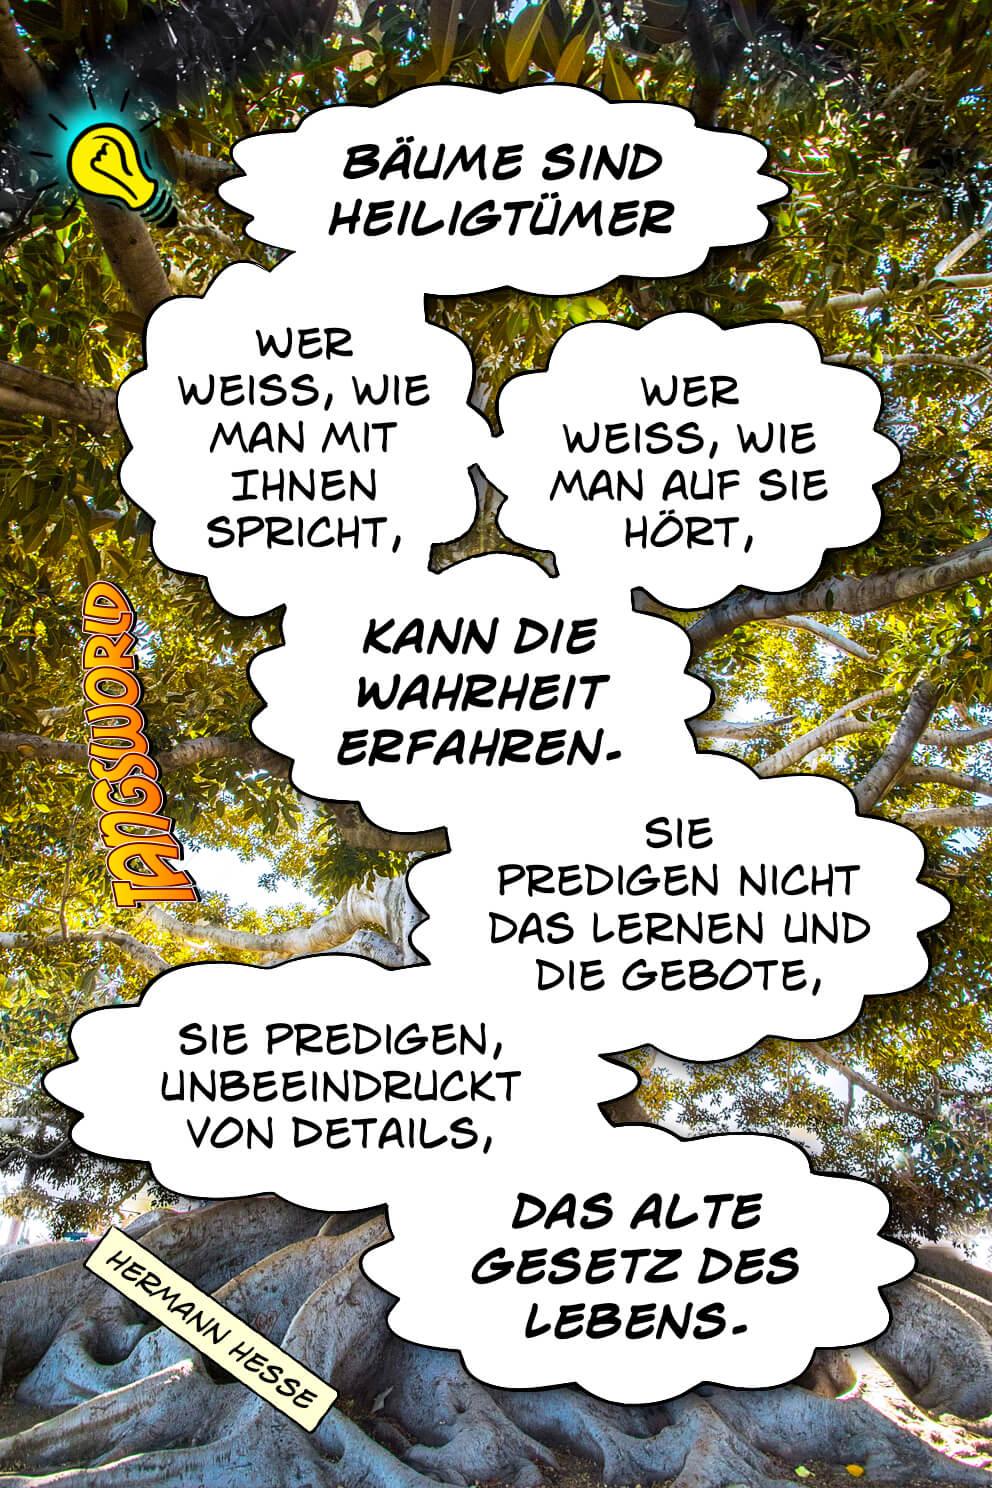 Bäume sind Heiligtümer. Wer weiß, wie man mit Ihnen spricht, wer weiß, wie man auf sie hört, kann die Wahrheit erfahren. Sie predigen nicht das Lernen und die Gebote, sie predigen, unbeeindruckt von Details, das alte Gesetz des Lebens. - Geistesblitze   Hermann Hesse